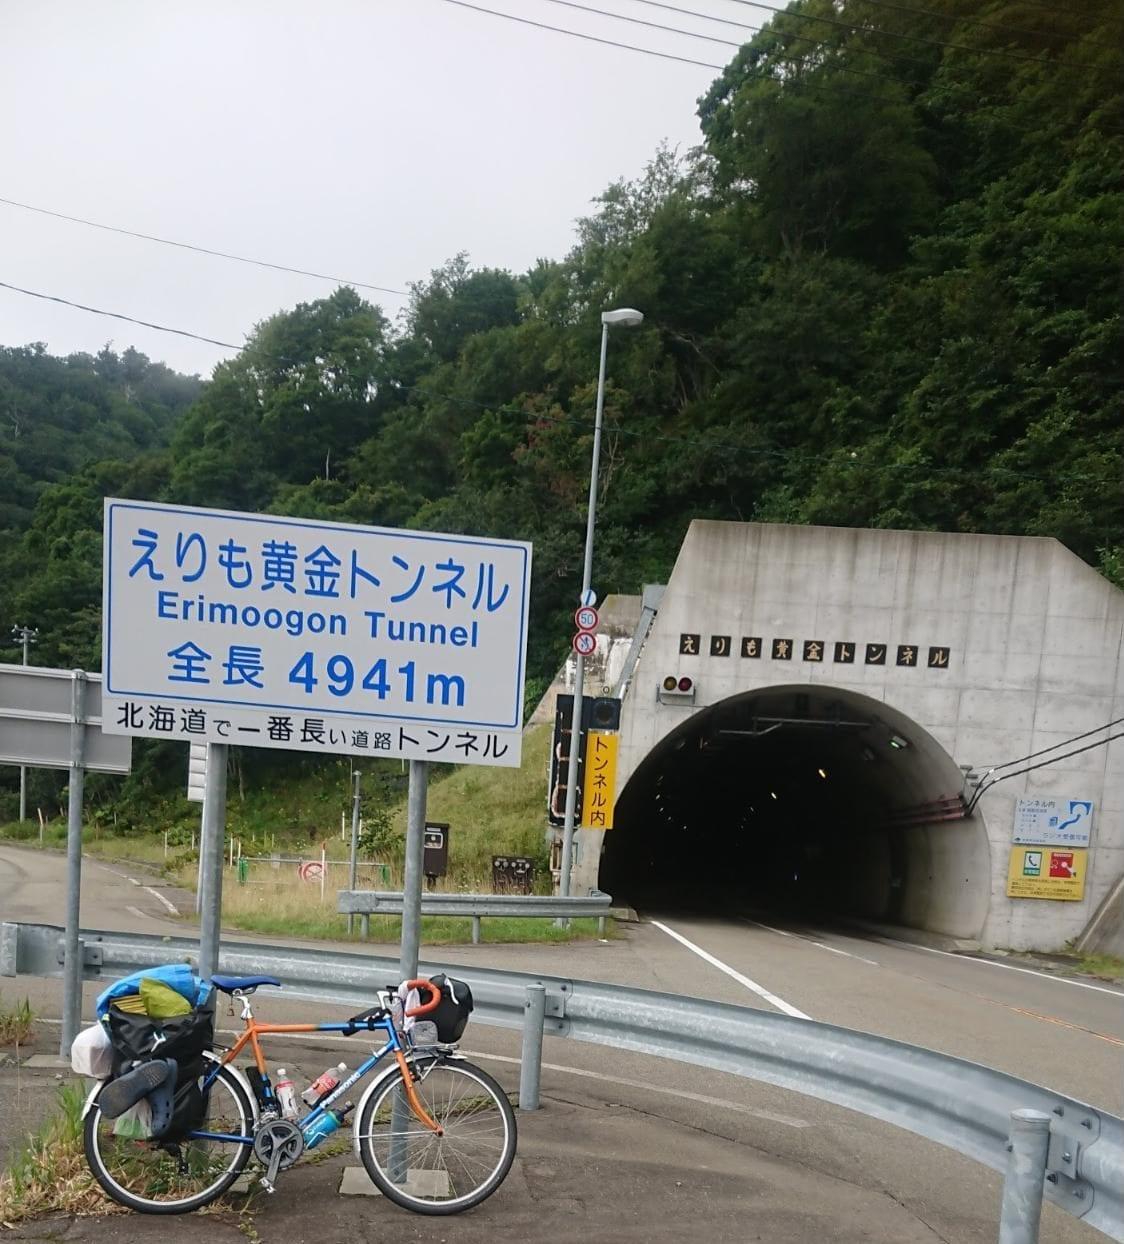 全長4941m!北海道最長の「えりも黄金トンネル」